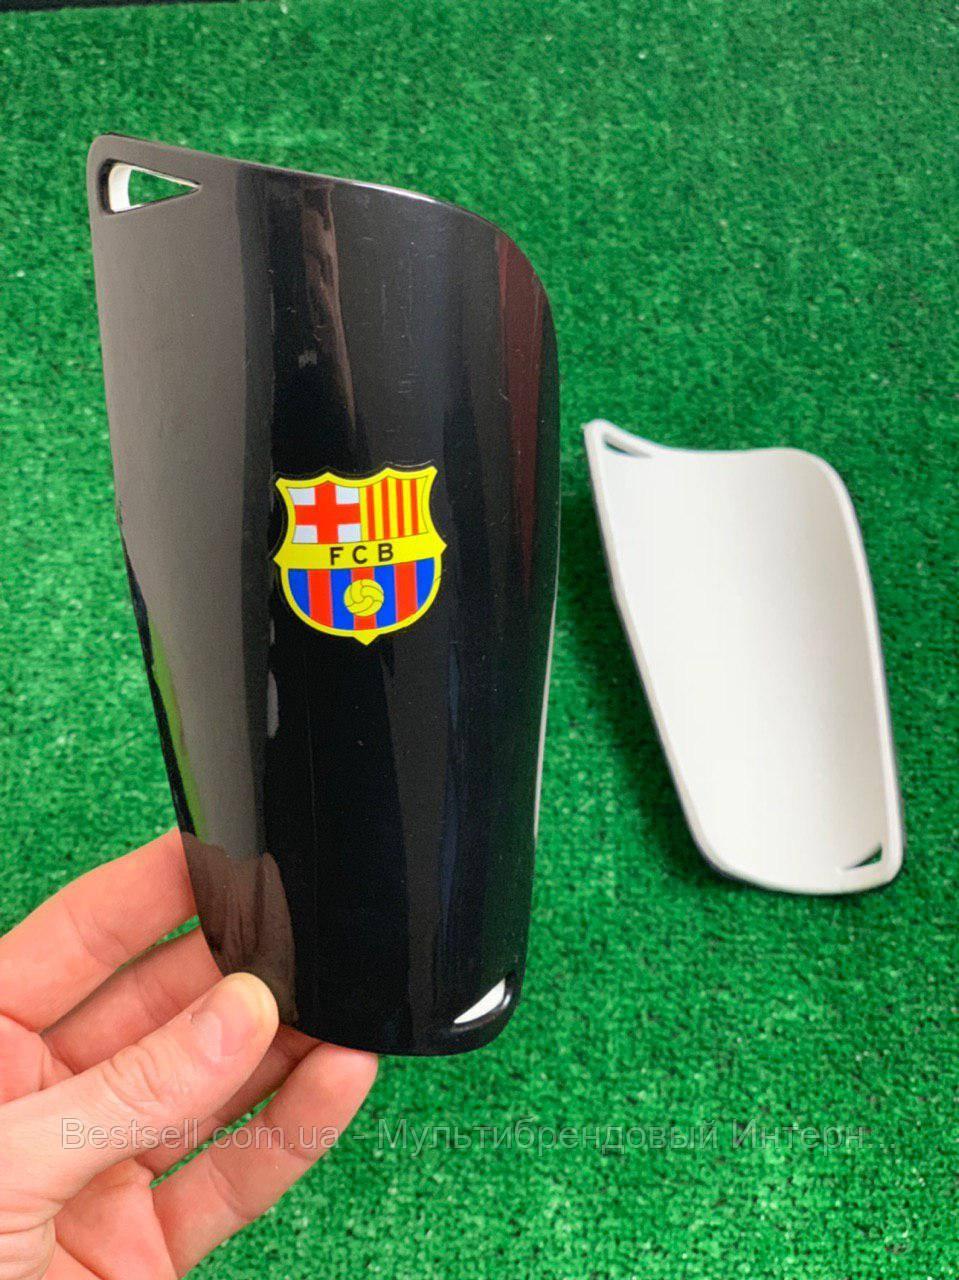 Щитки для футболу Барселона чорні 1093